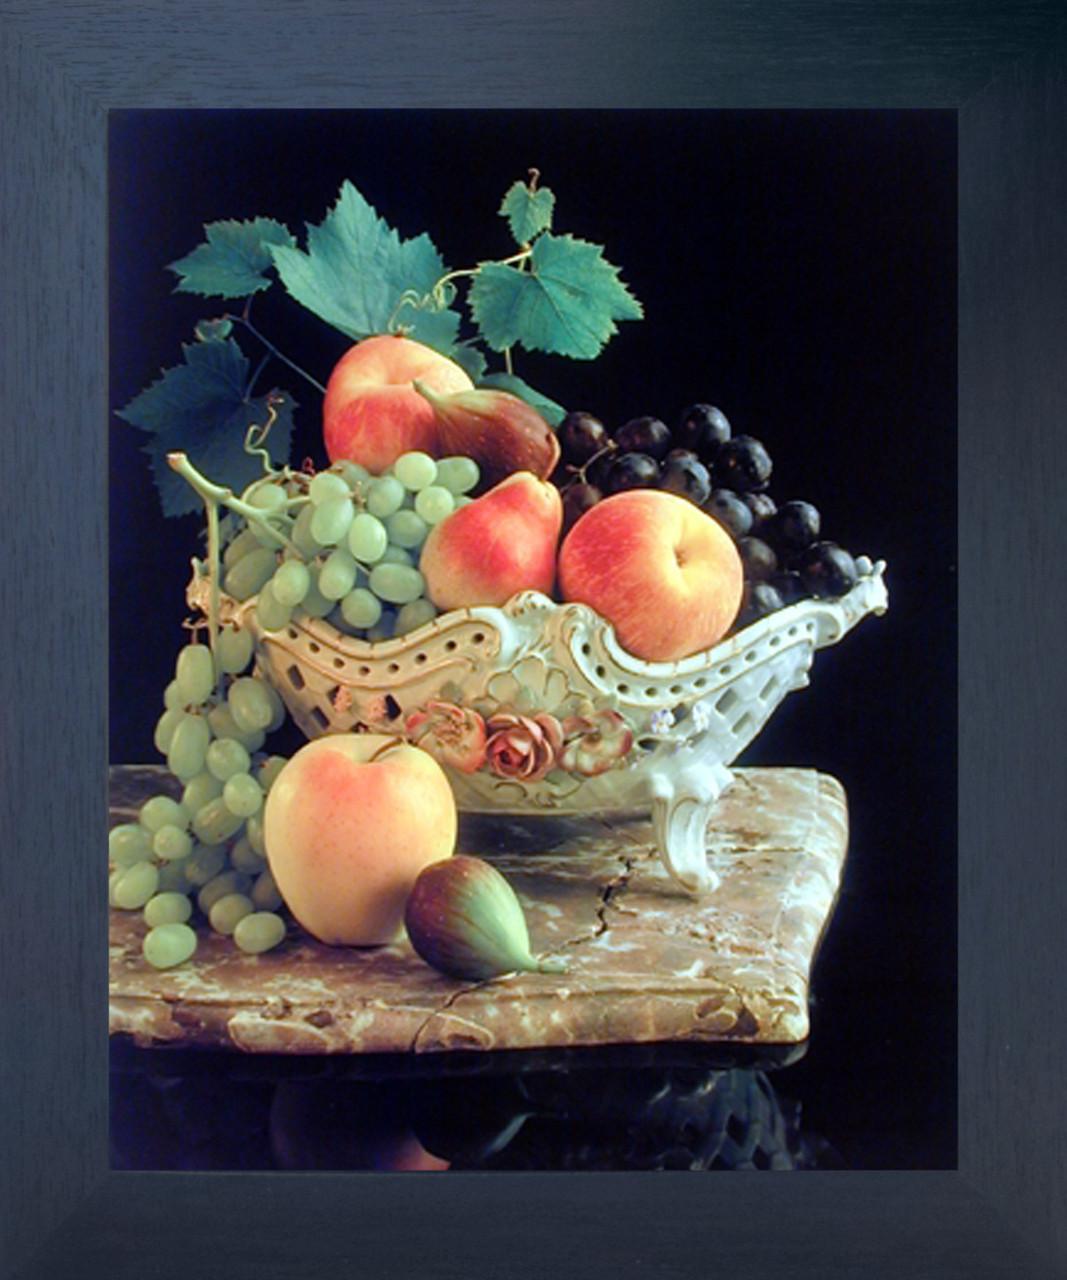 Mandolin Music Instrument /& Fruits Still Life Wall Art  Decor Framed Picture